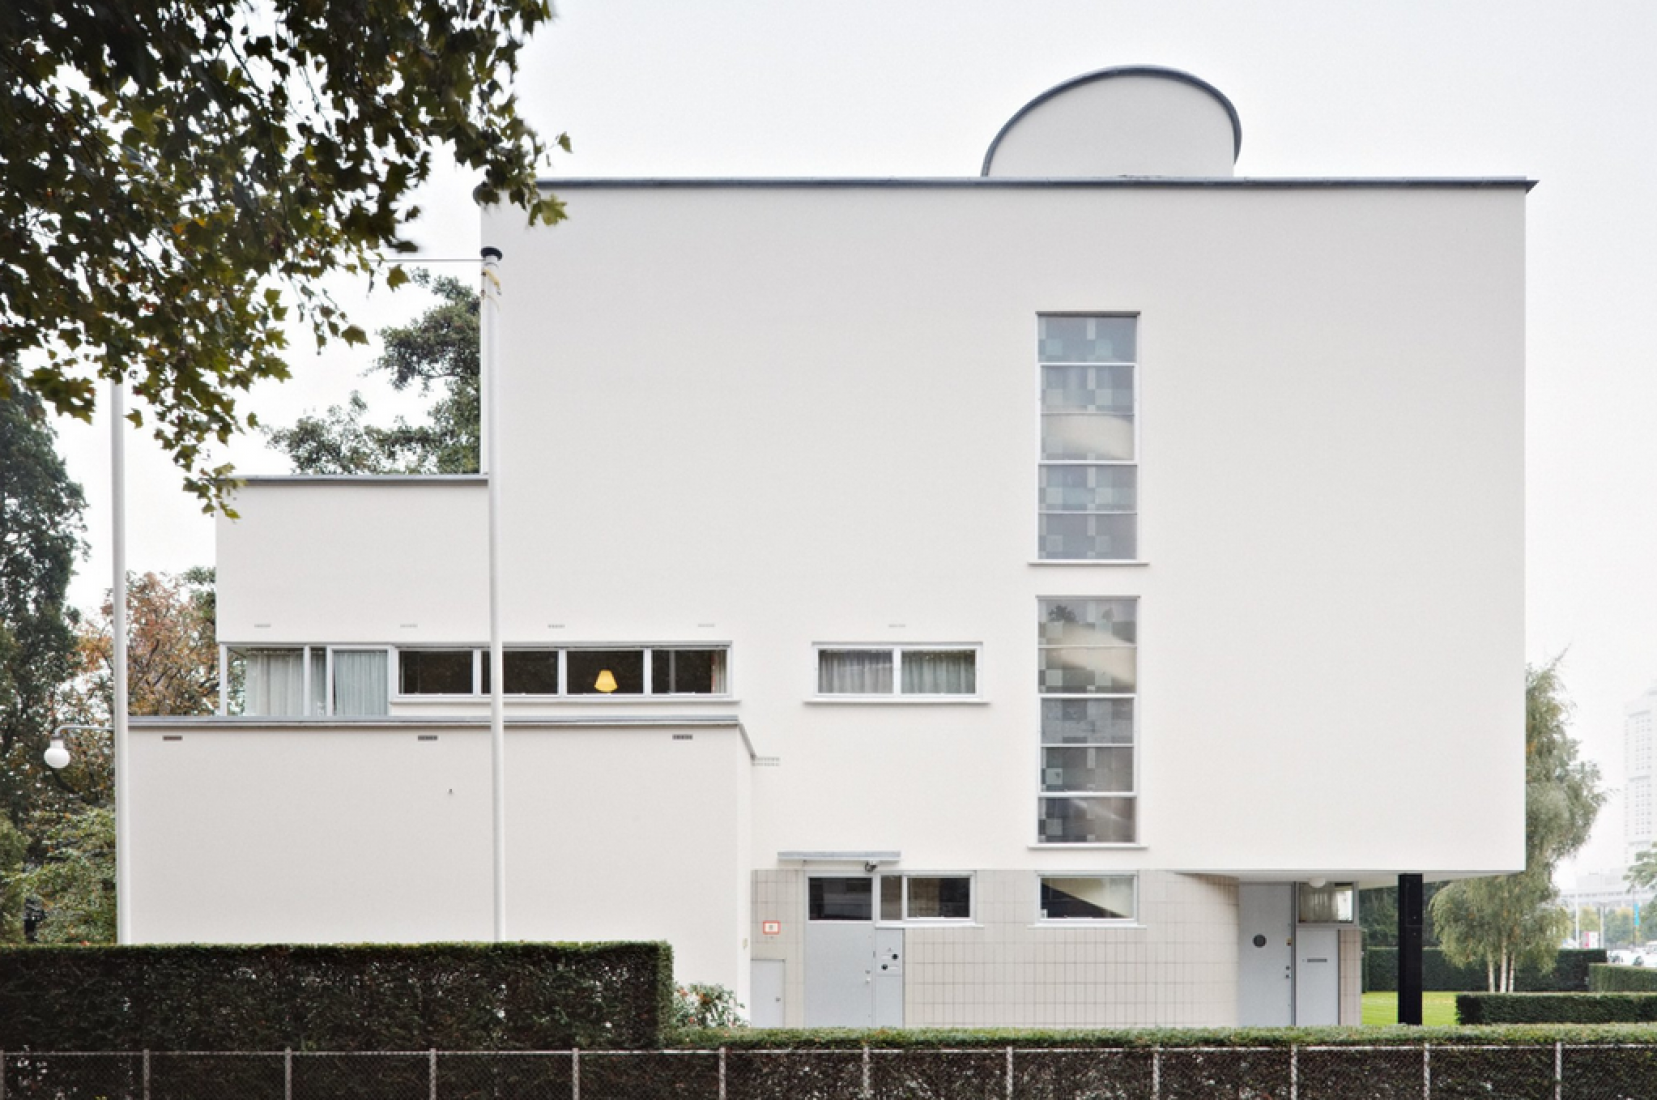 Vista exterior de la Casa Sonneveld. Fotografía © Het Nieuwe Instituut, 2015. Arquitectos.- J.A. Brinkman and L.C. van der Vlugt, 1933. Señala encima de la imagen para verla más grande.